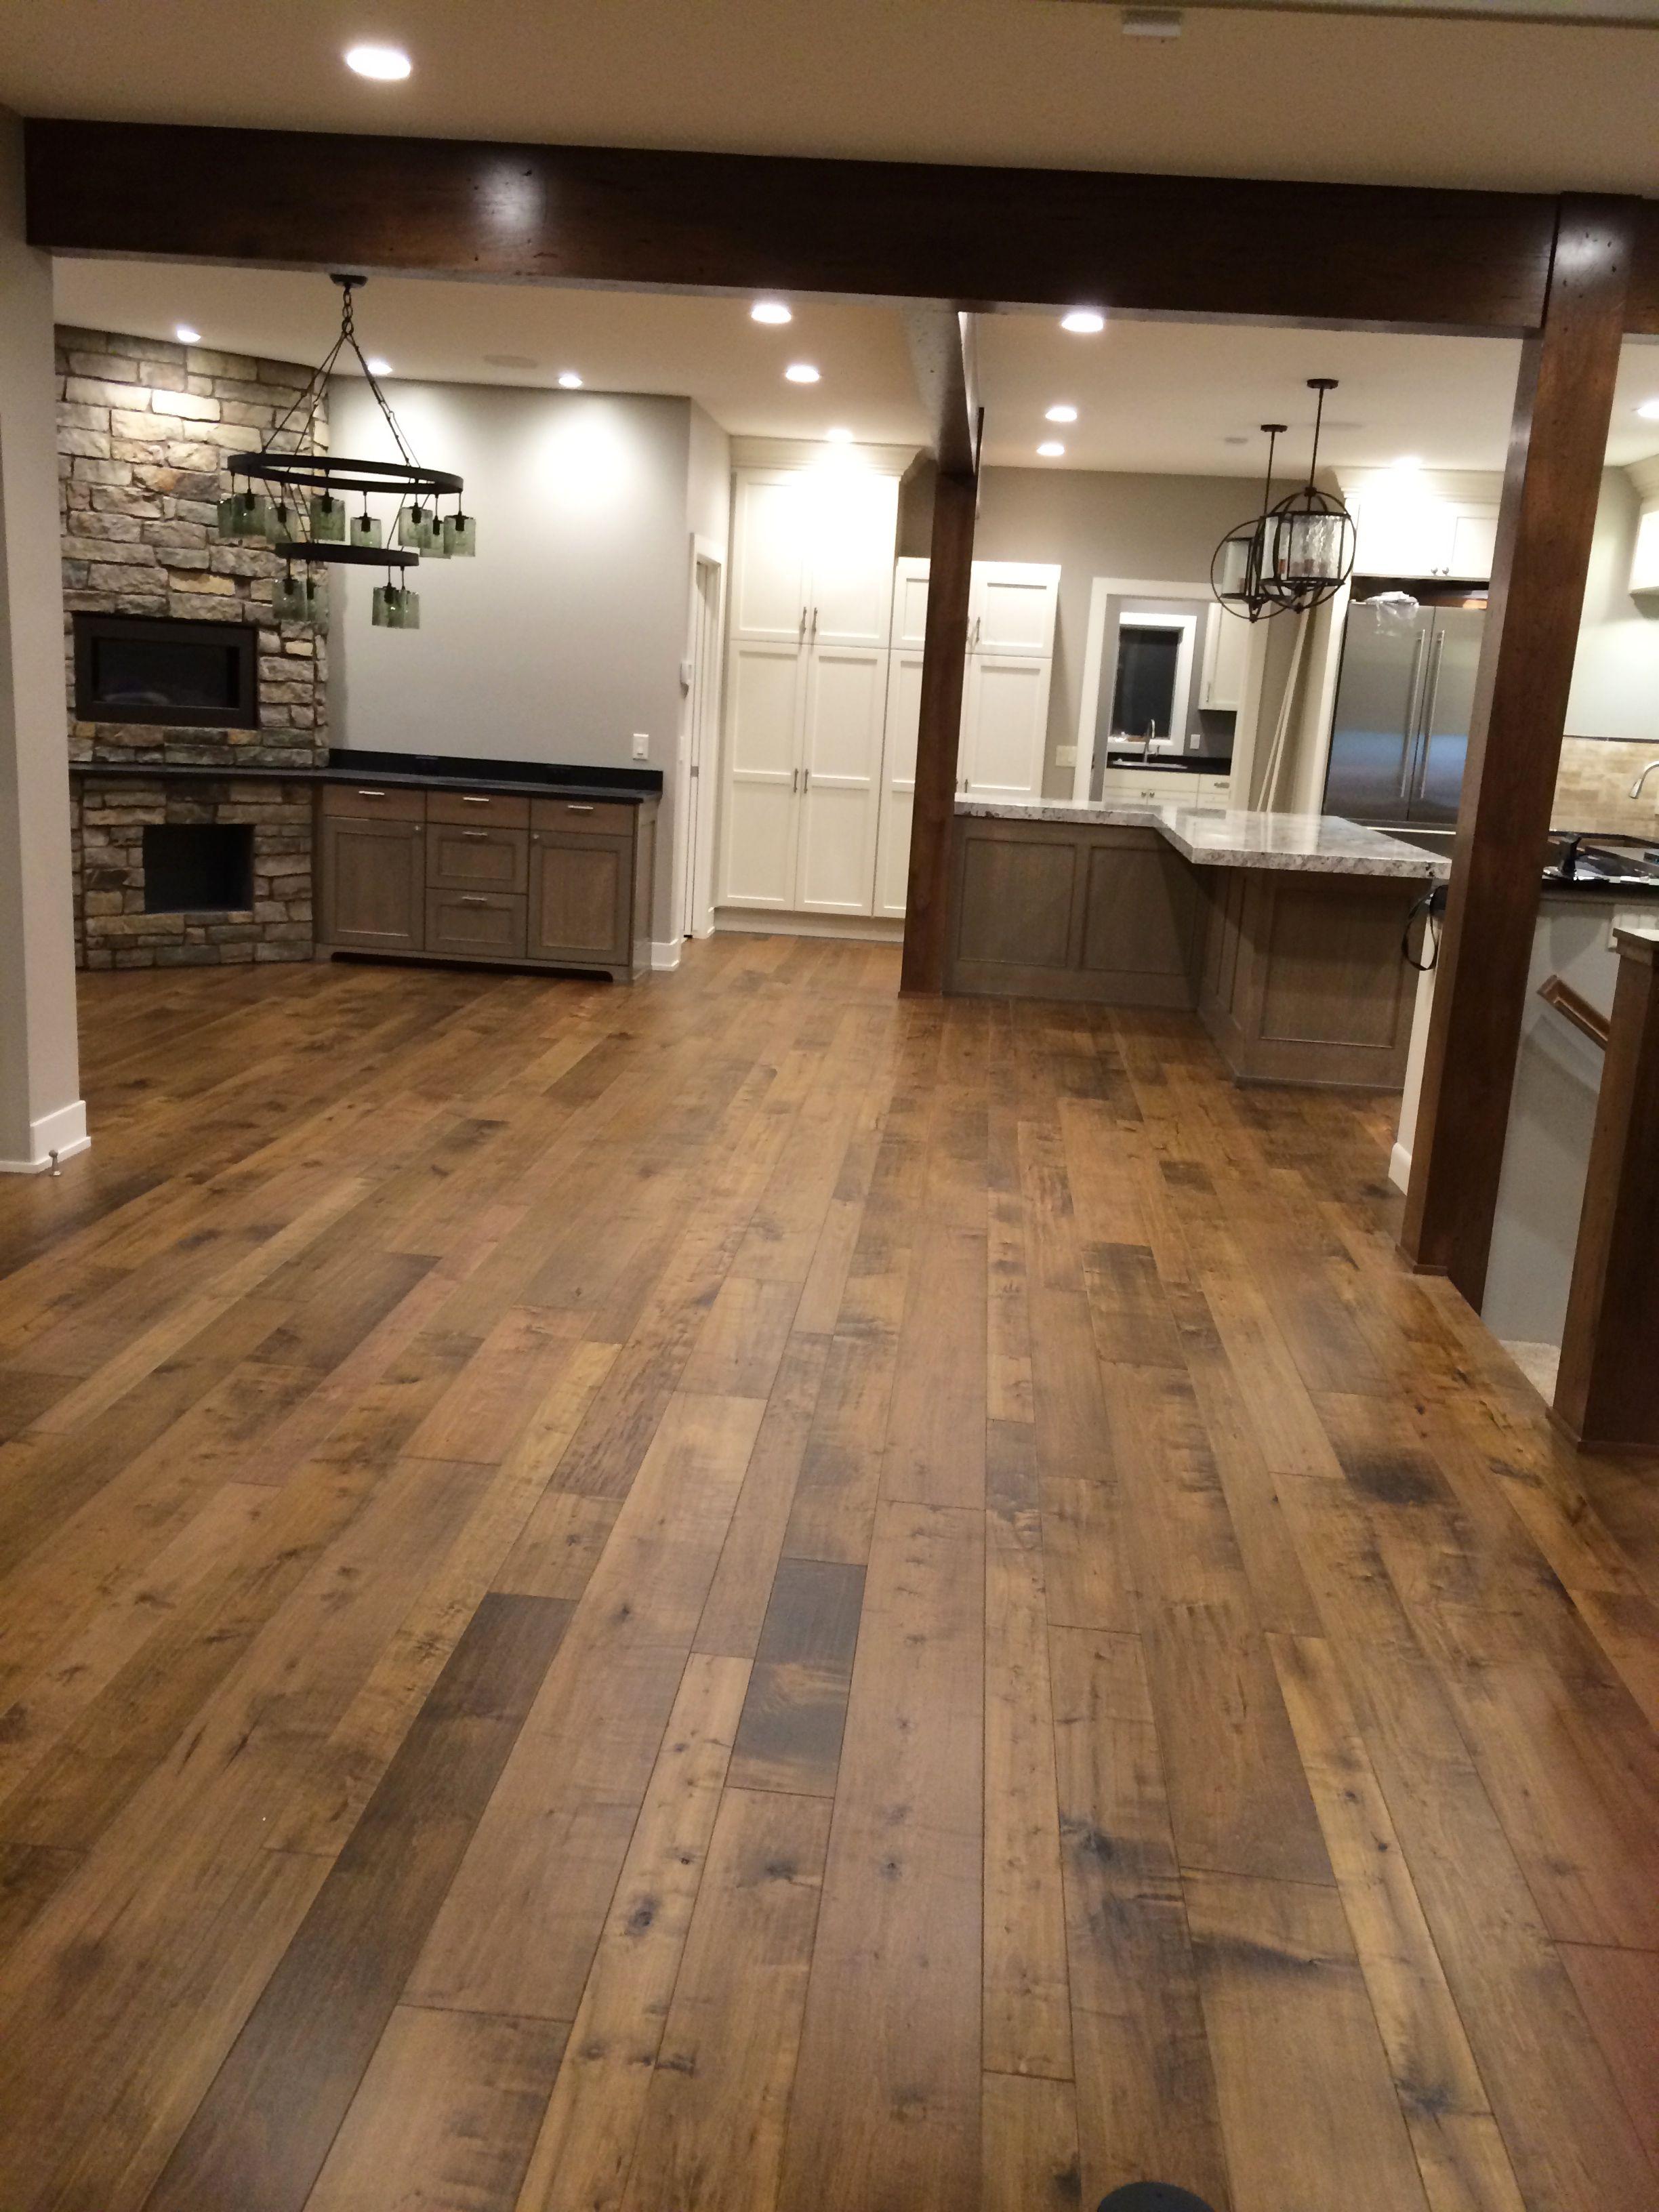 Procedure for sanding hardwood floors